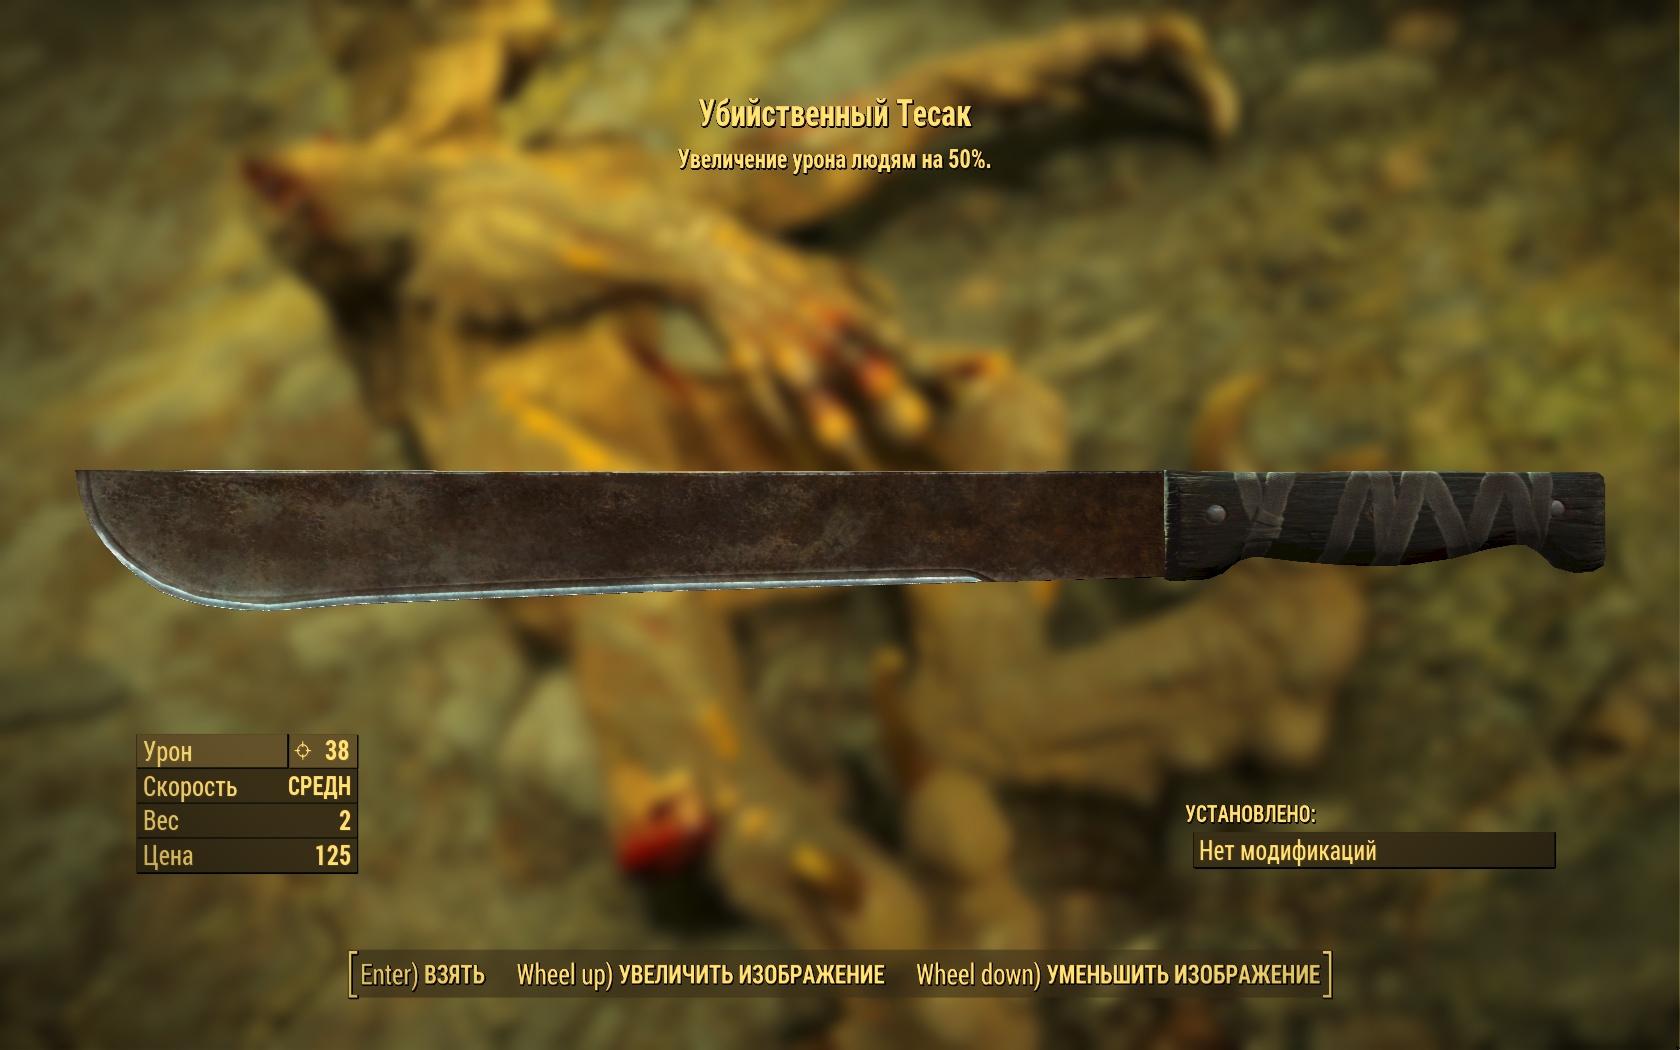 Убийственный тесак - Fallout 4 Оружие, тесак, Убийственный